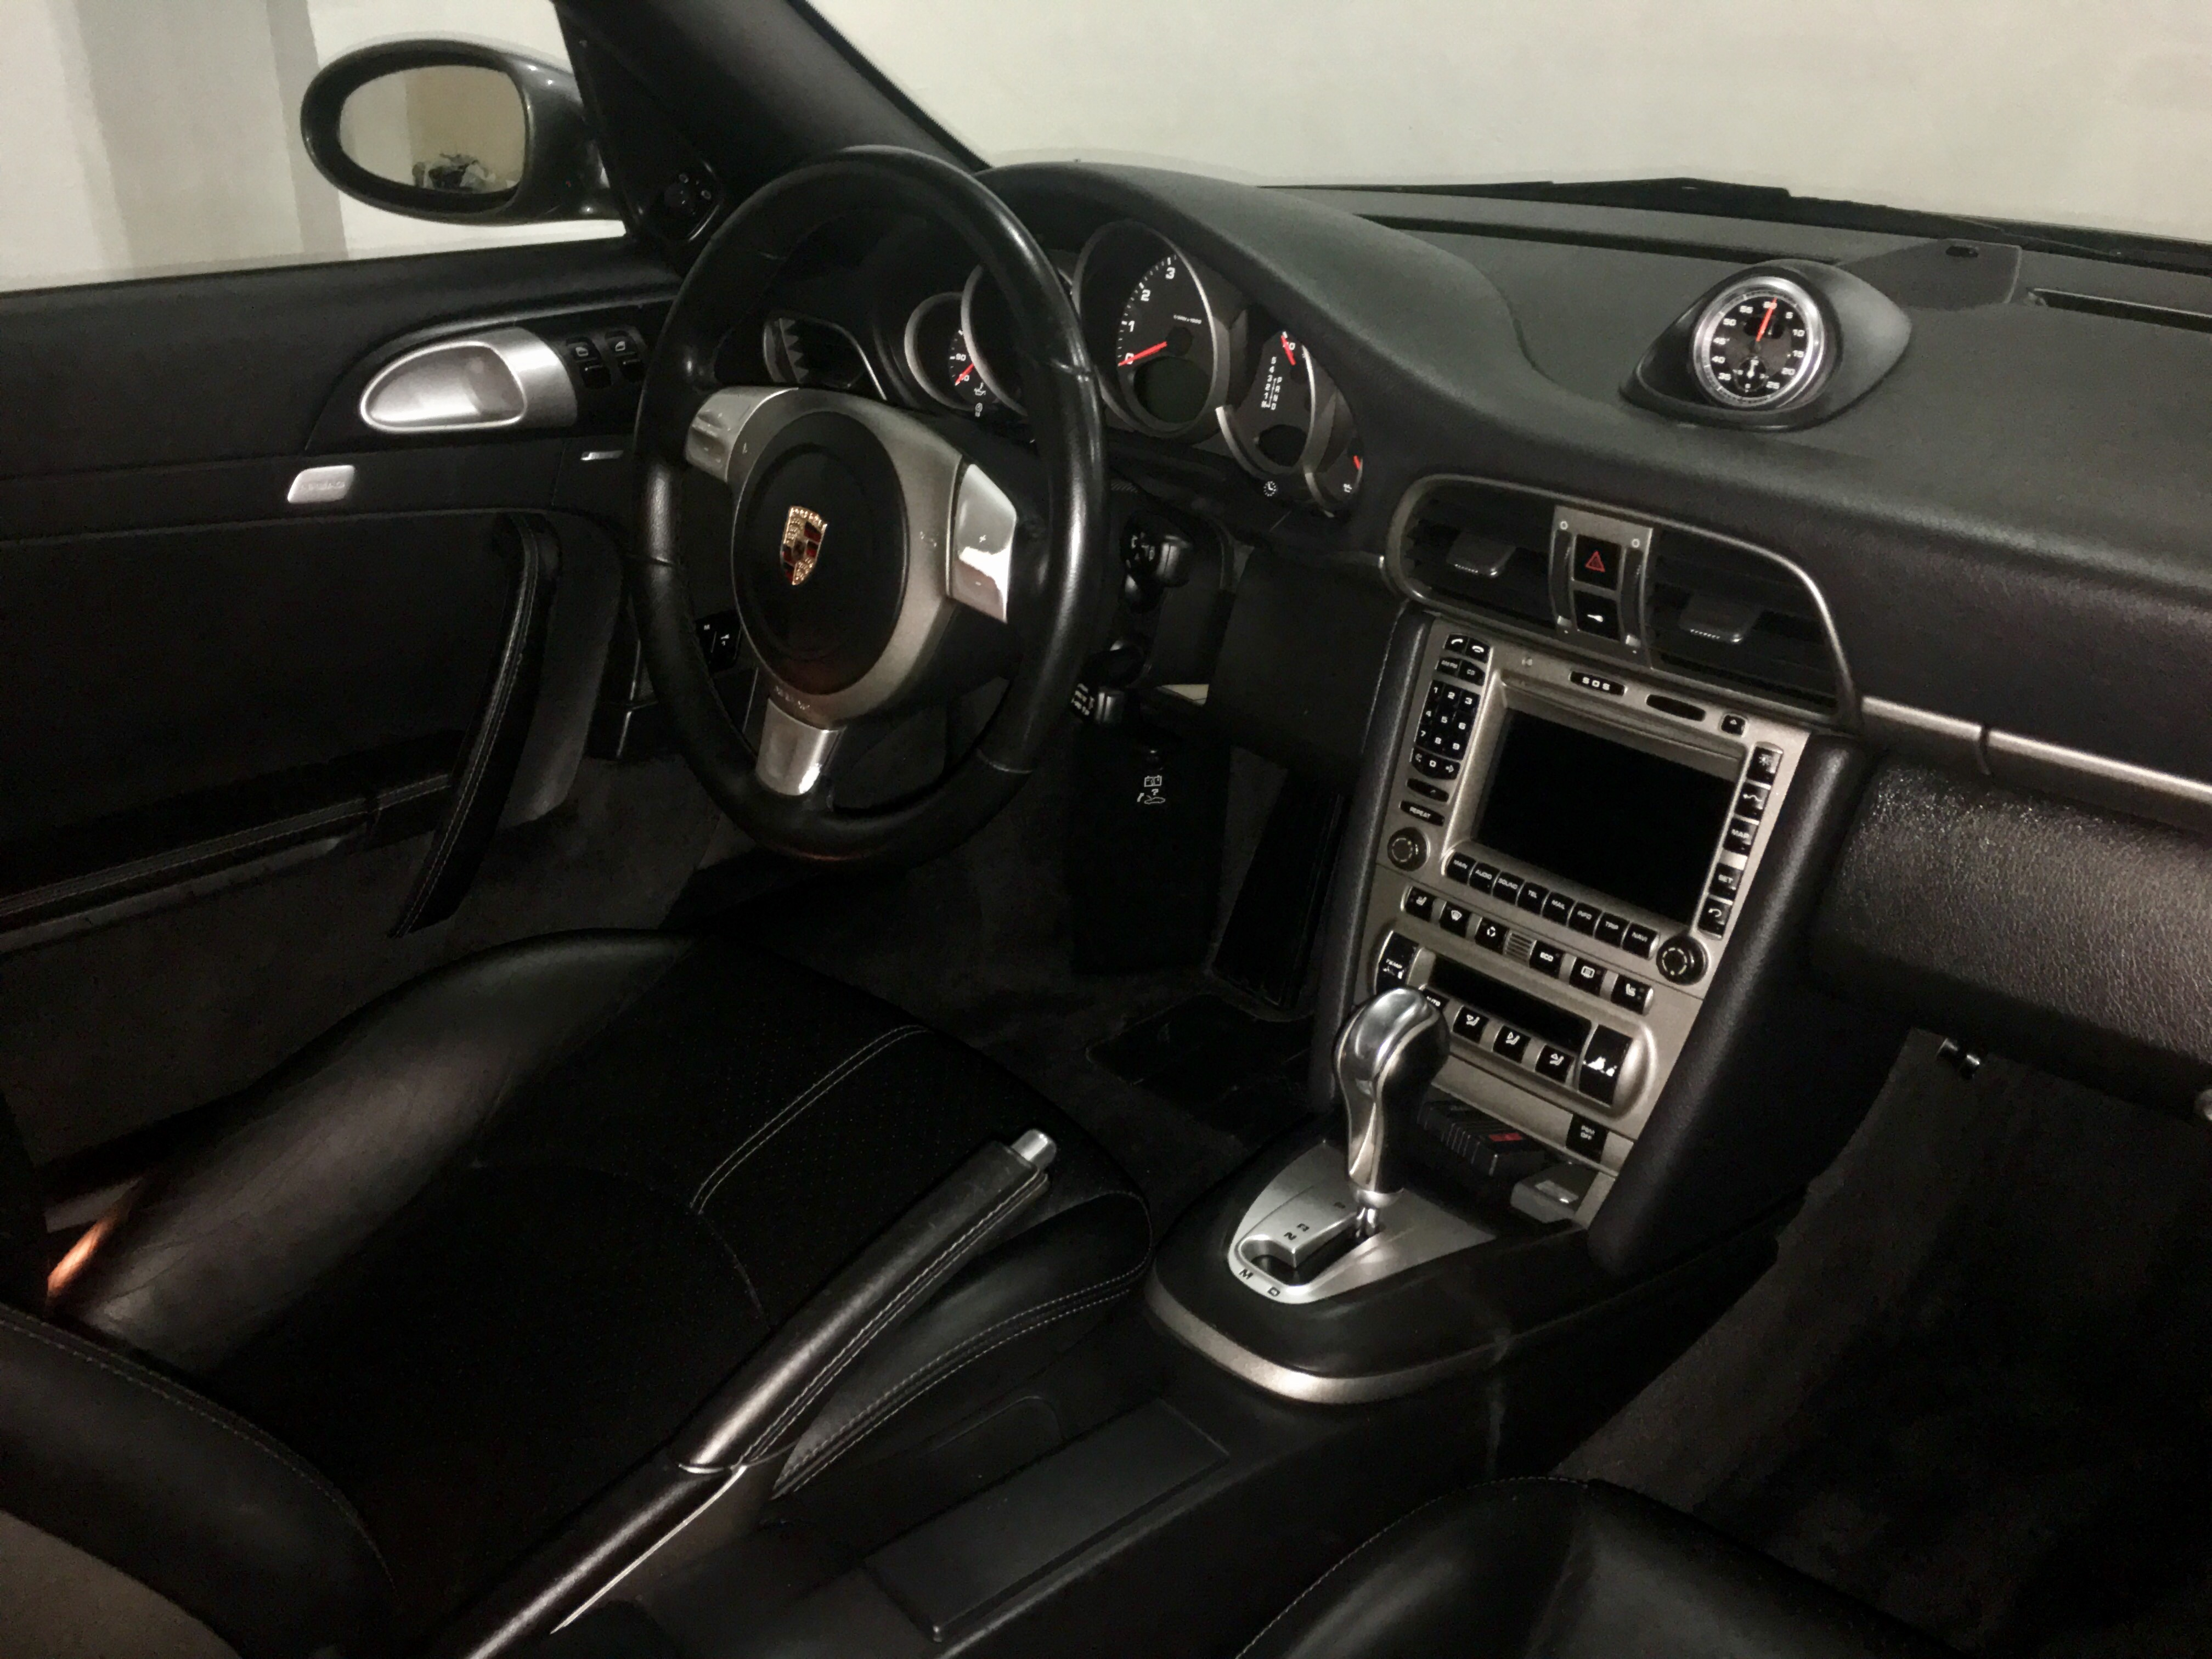 Vista general del Interior de nuestro Porsche 911 completamente Detallado.